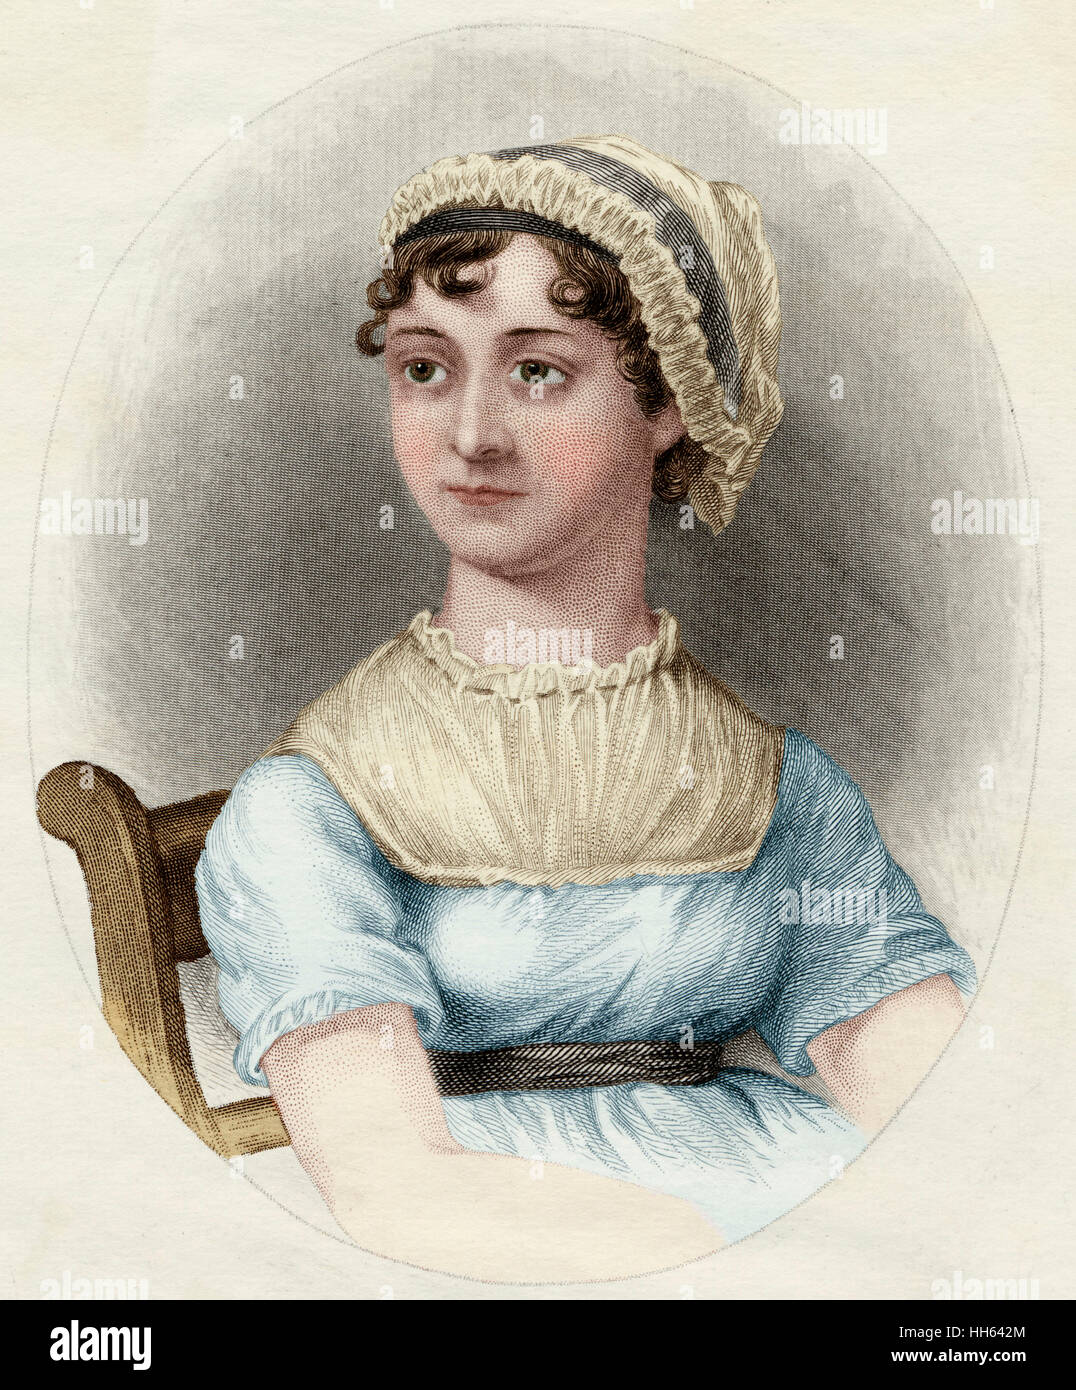 Jane Austen (1775-1817), novelista inglés. Imagen De Stock